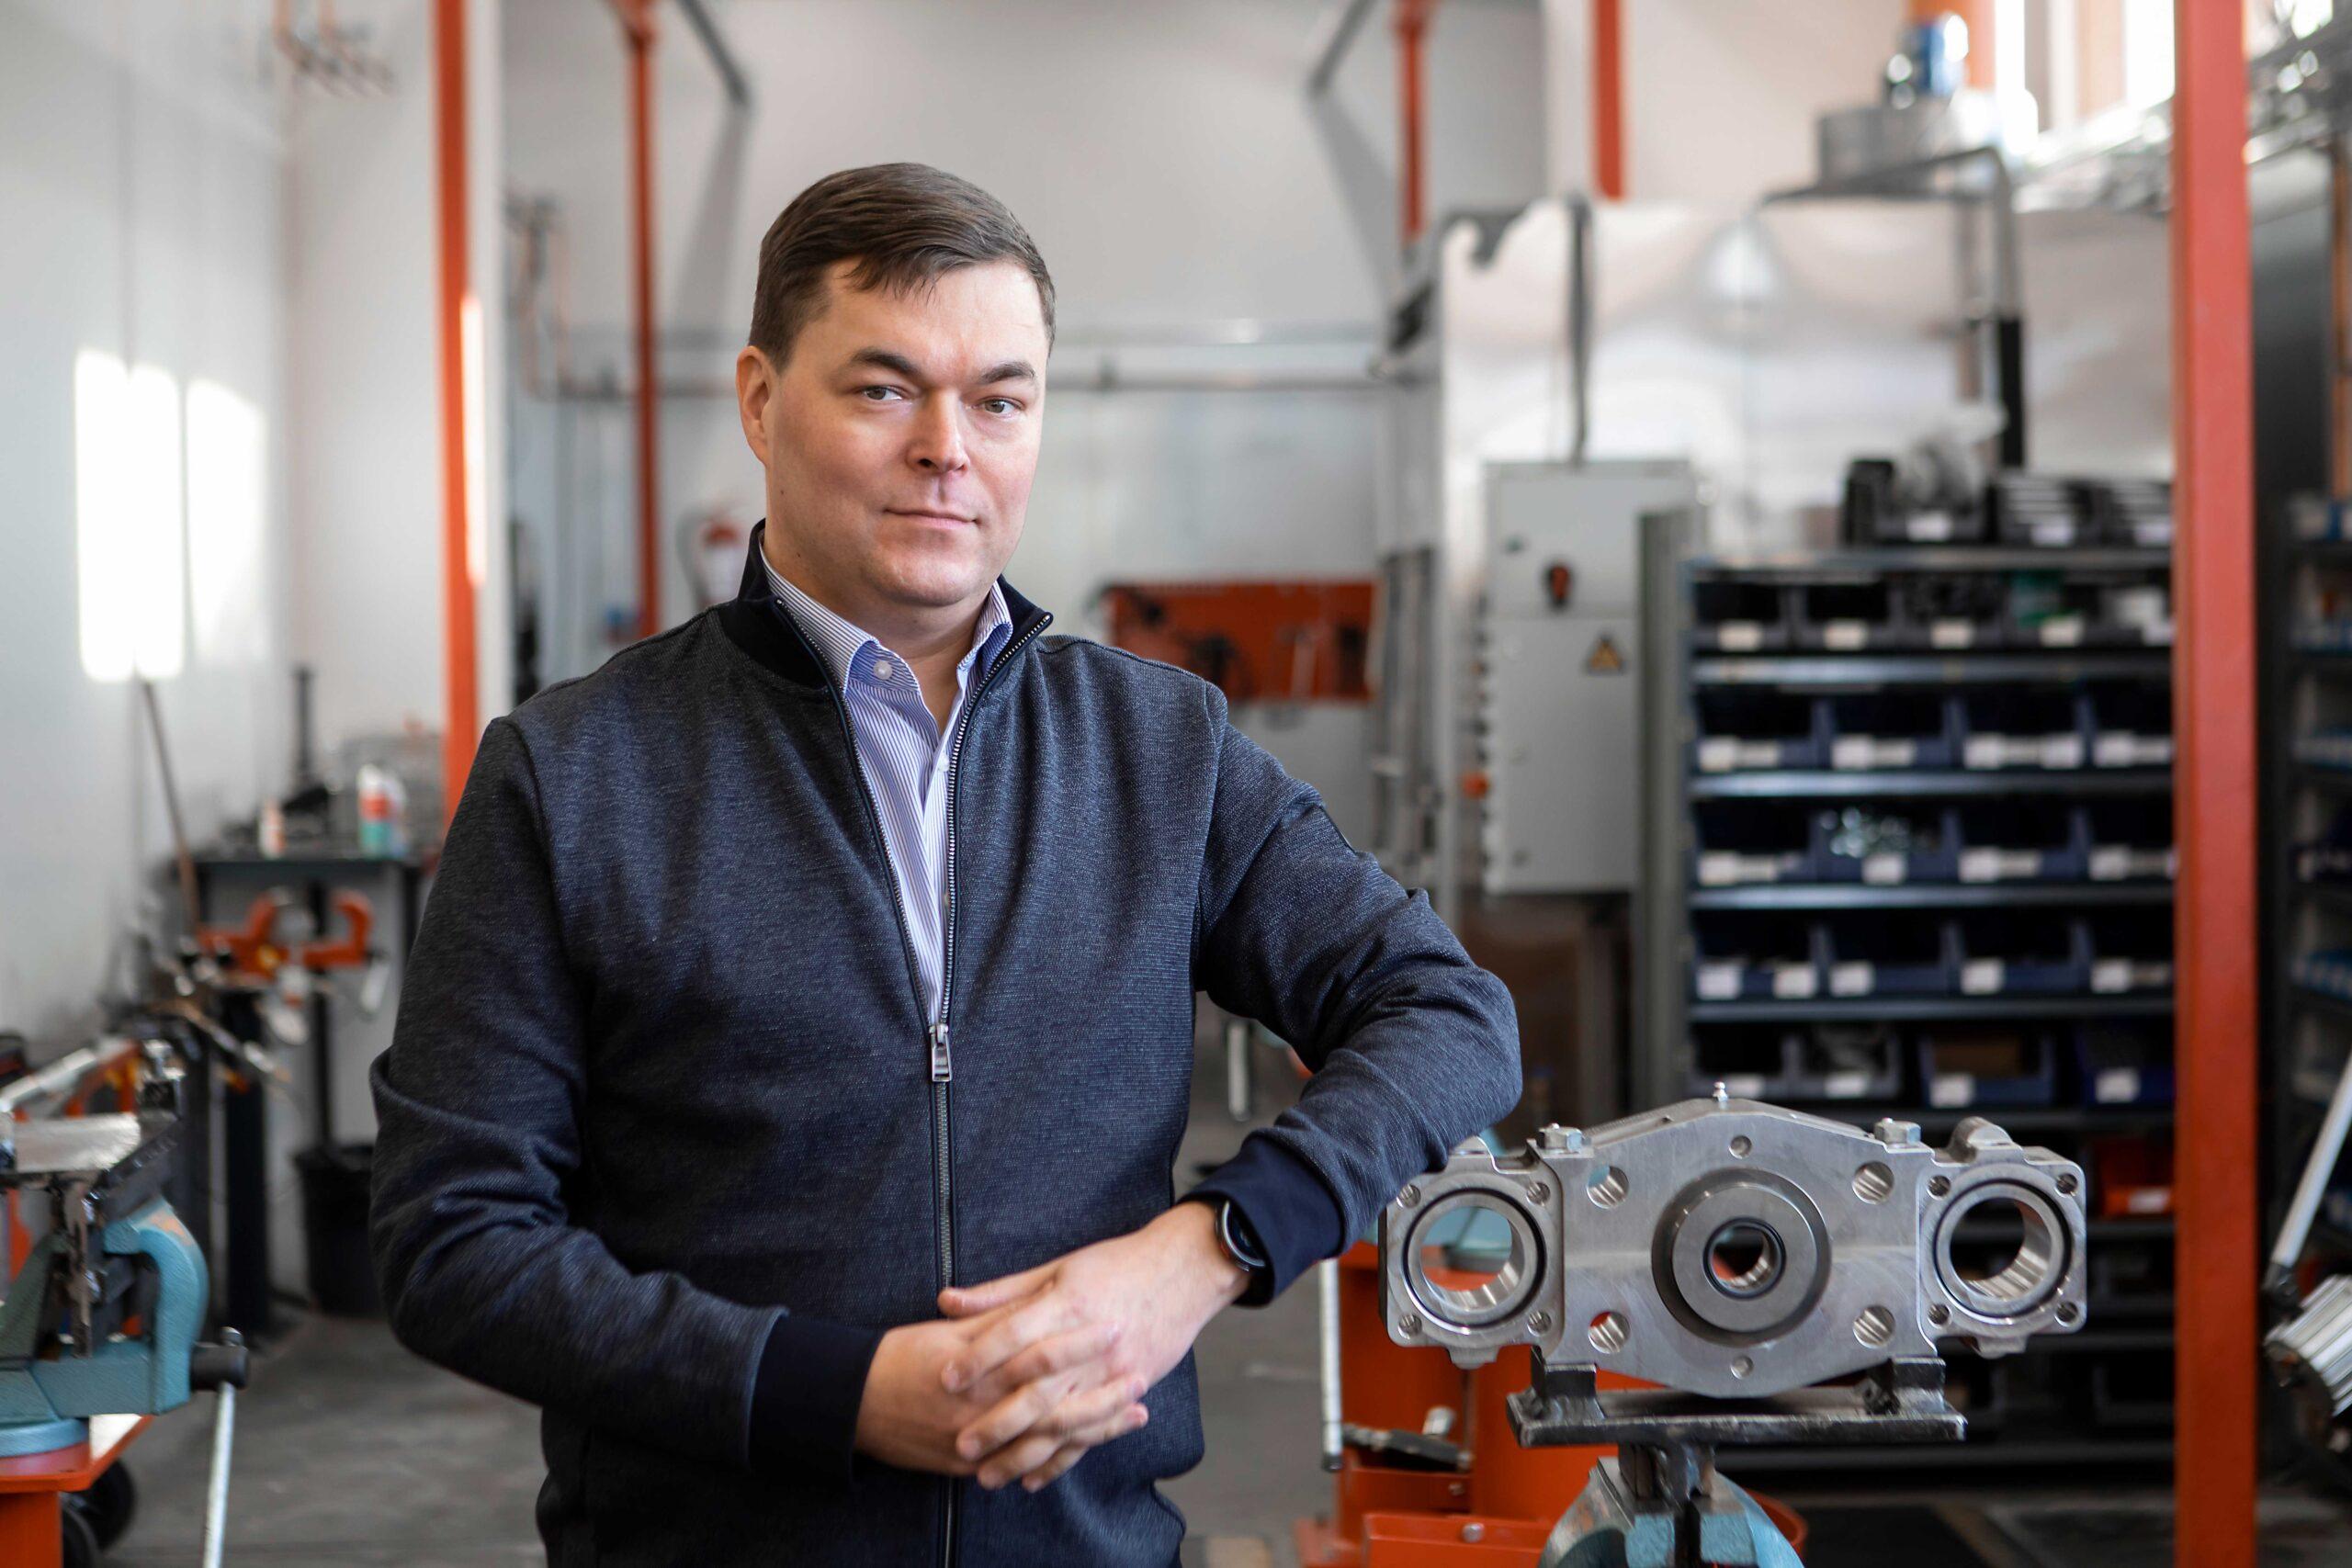 Dooforin toimitusjohtaja Kalle Kuusento seisoo yrityksen tuotantotiloissa ja nojaa valmisteilla olevaan poraan.